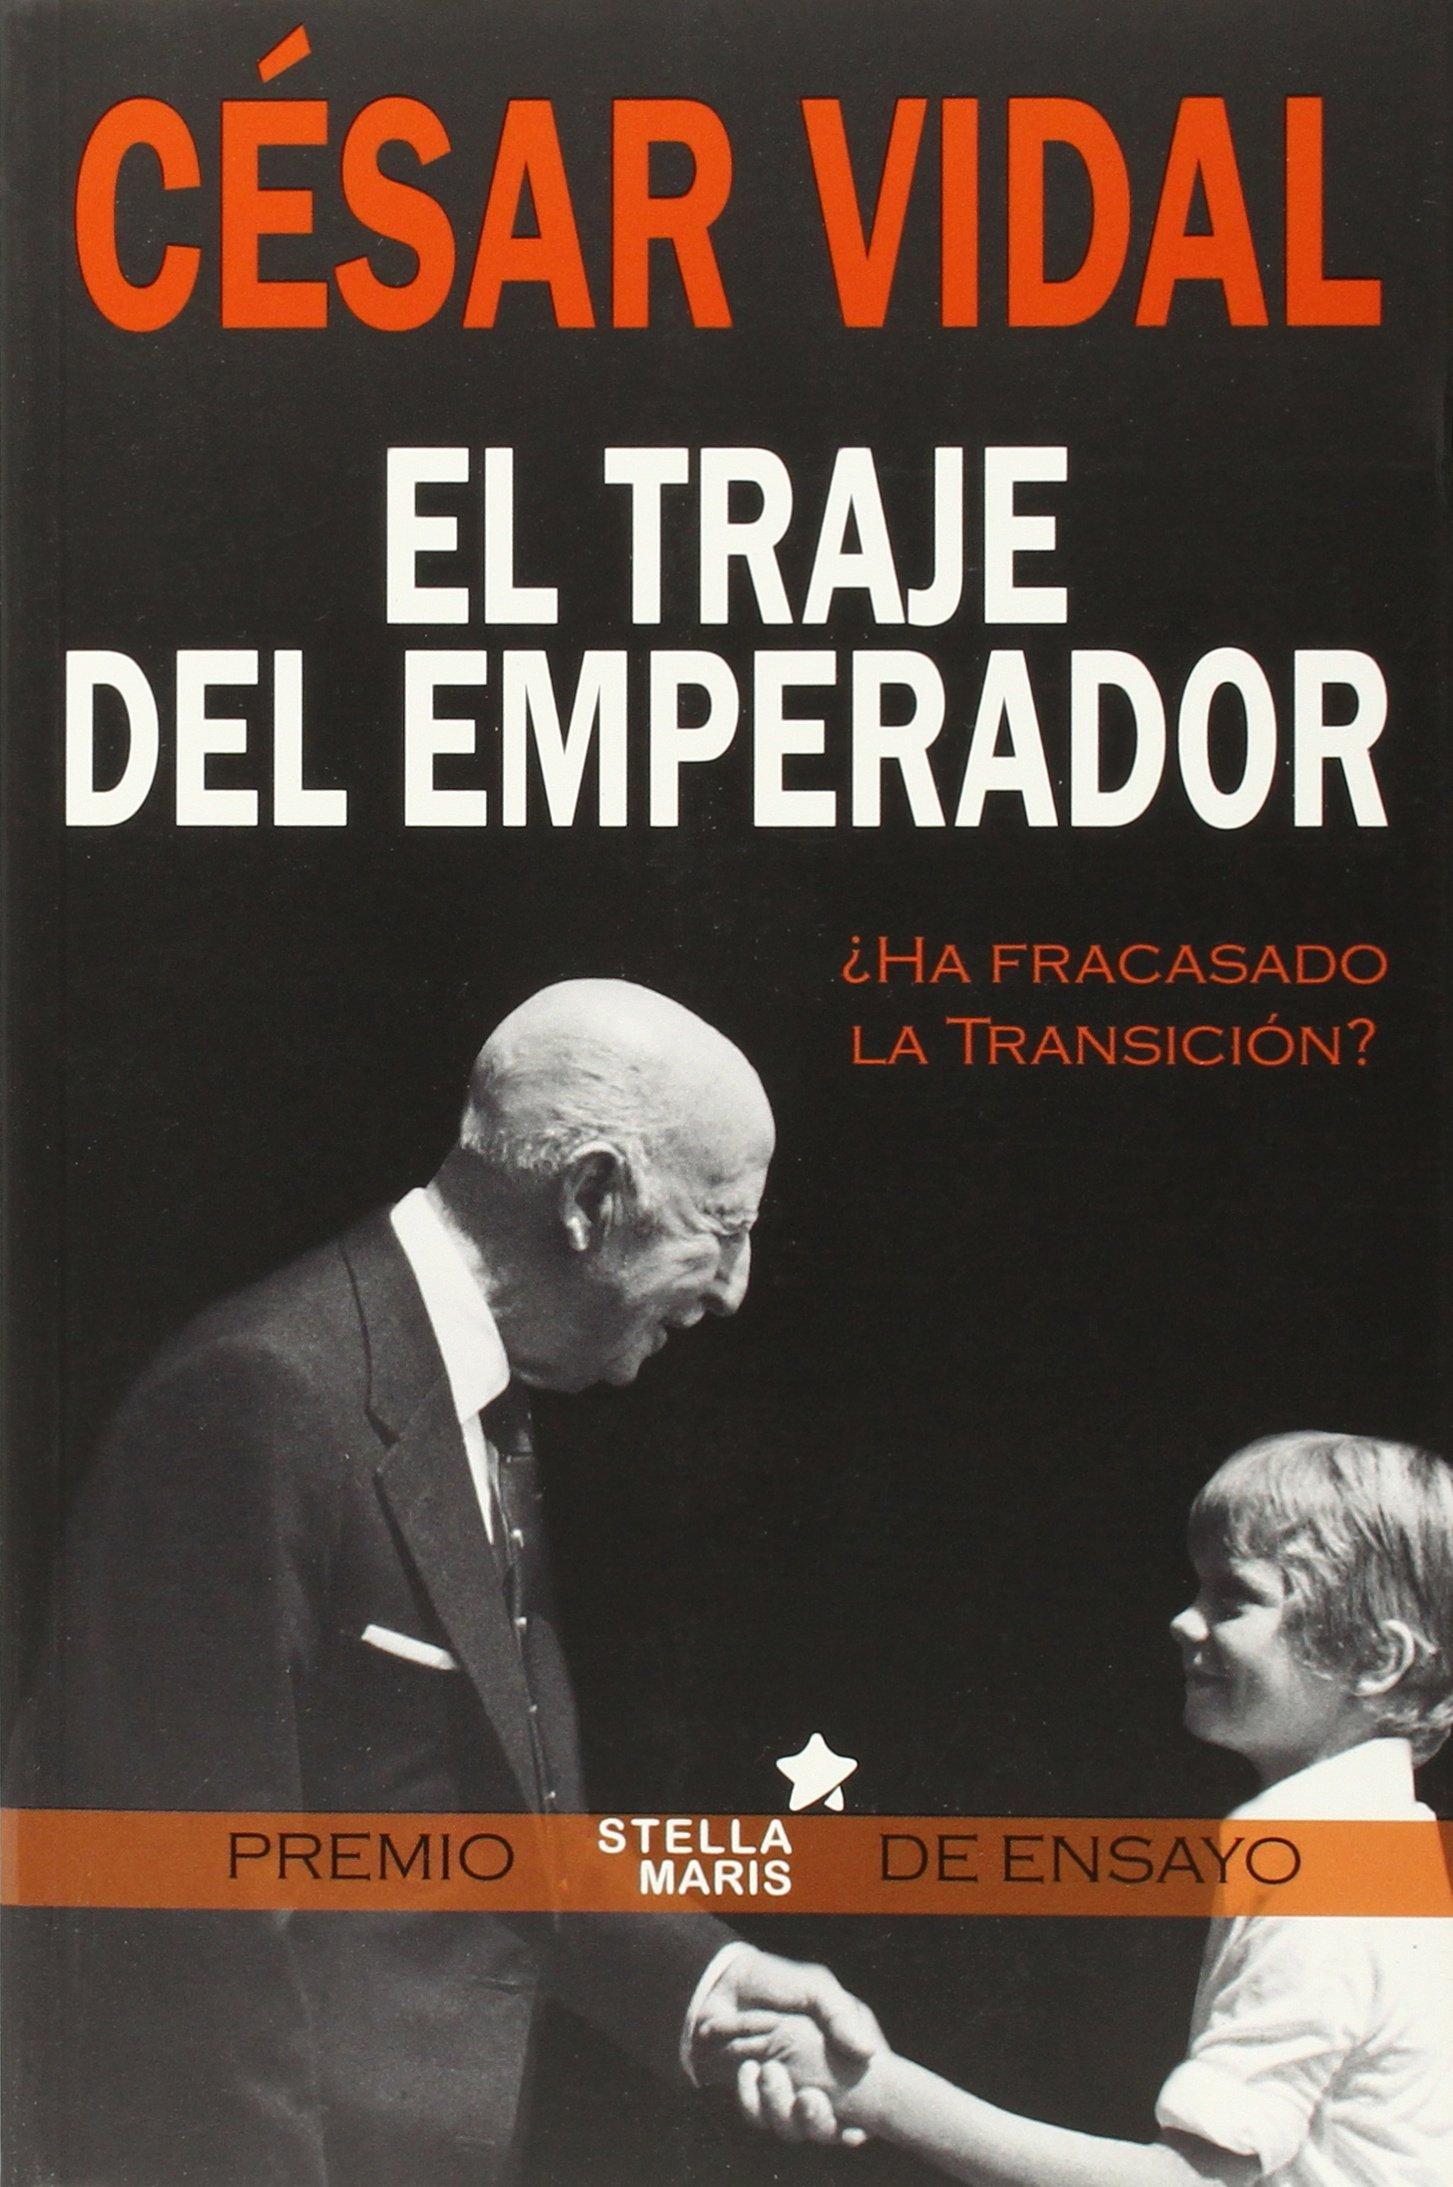 El Traje Del Emperador Historia de César Vidal Manzanares 10 mar 2015 Tapa blanda: Amazon.es: Libros